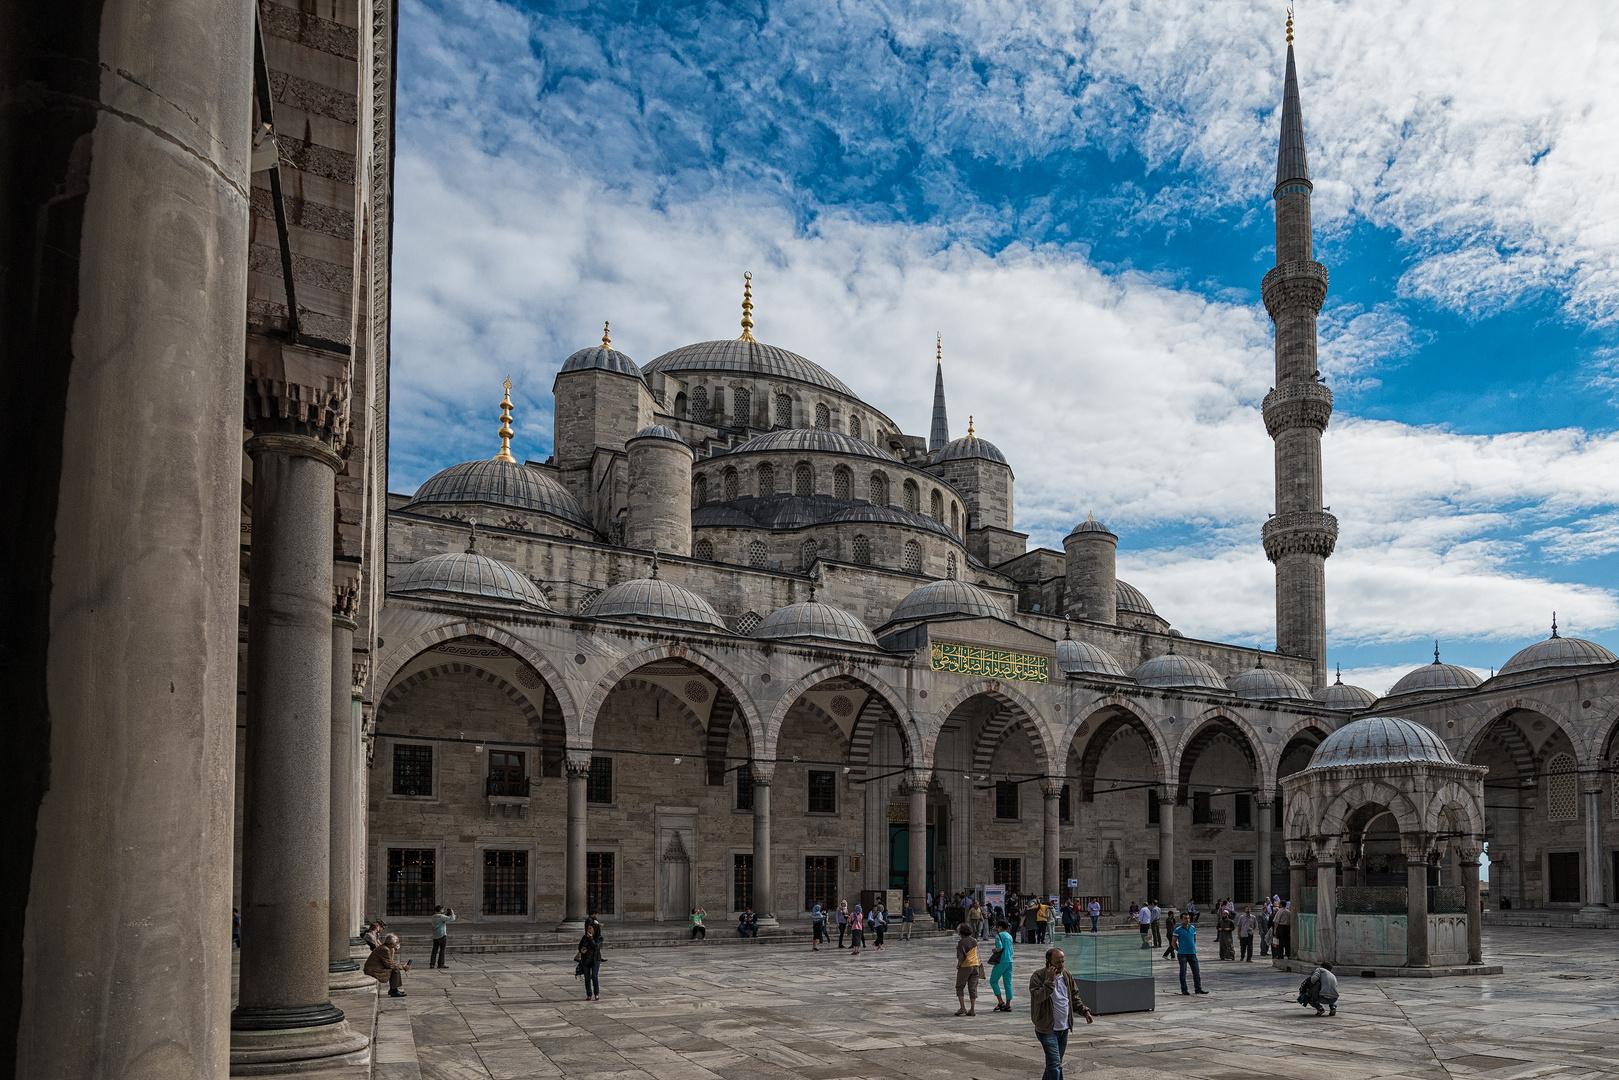 Blaue- oder Sultan Ahmed Moschee